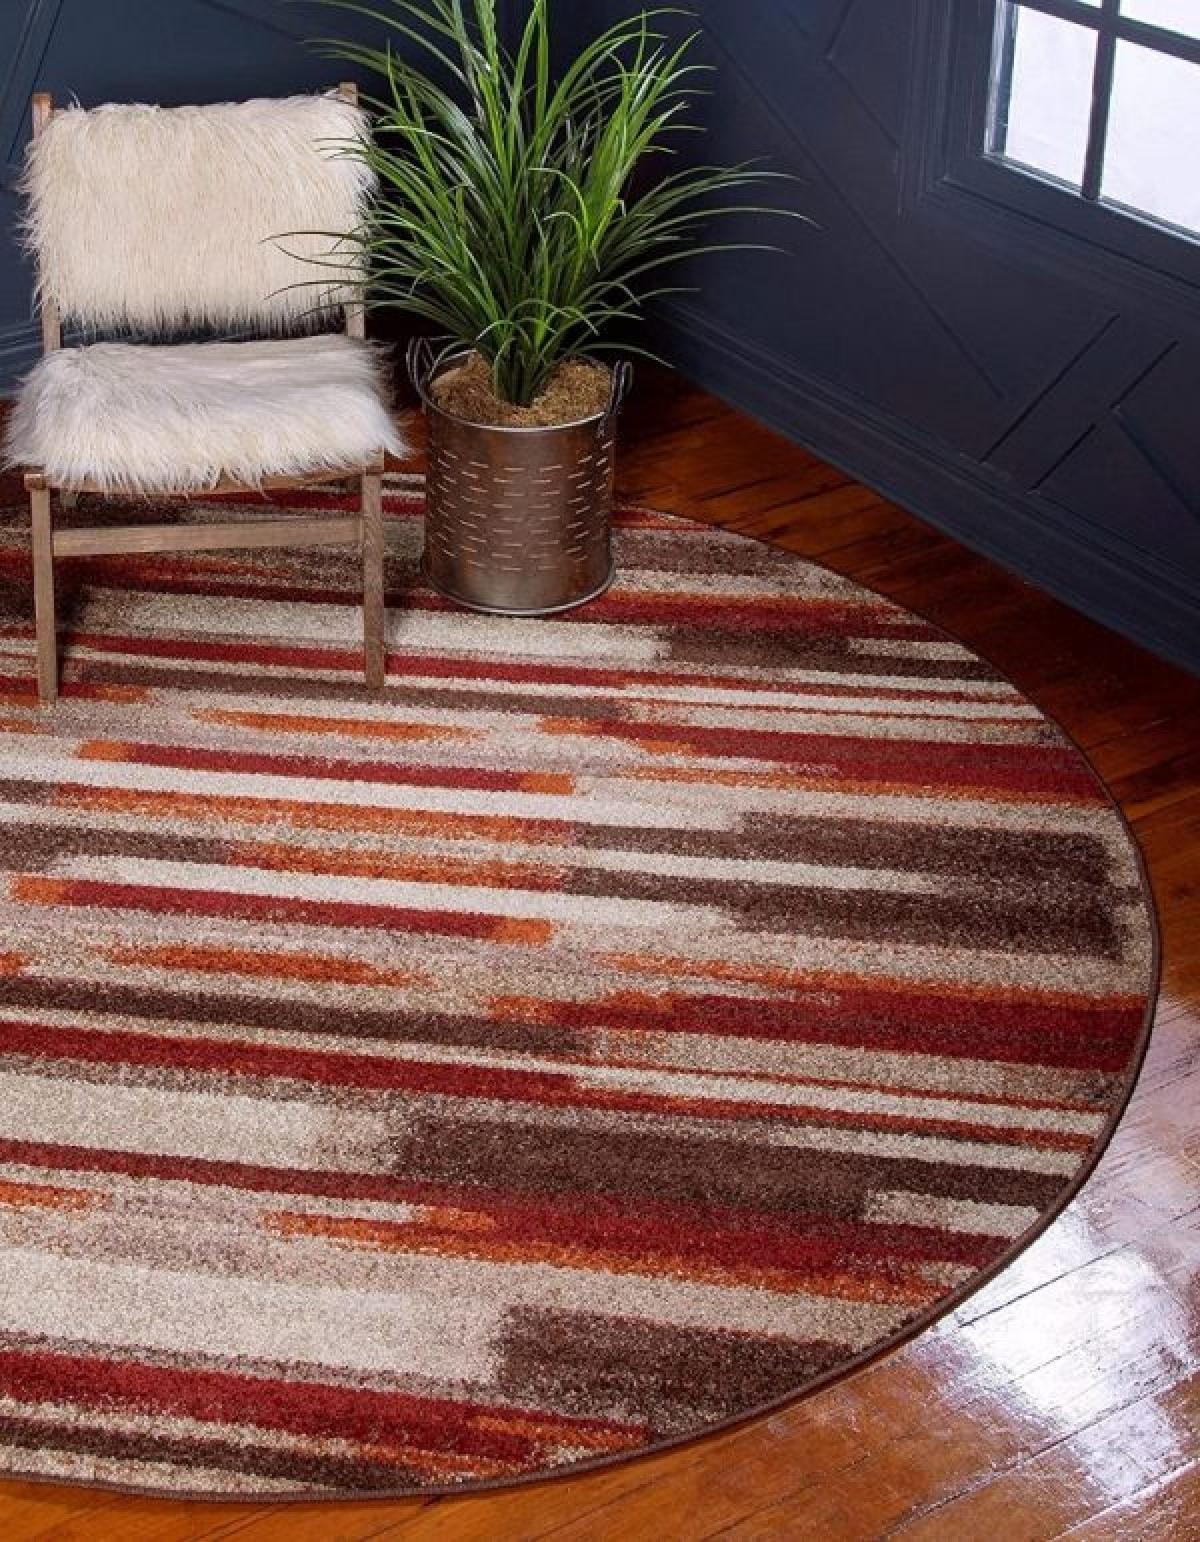 Tấm thảm màu đỏ loang nâu, trắng là điểm nhấn hoàn hảo, tạo sự ấm áp, sang trọng cho căn phòng.